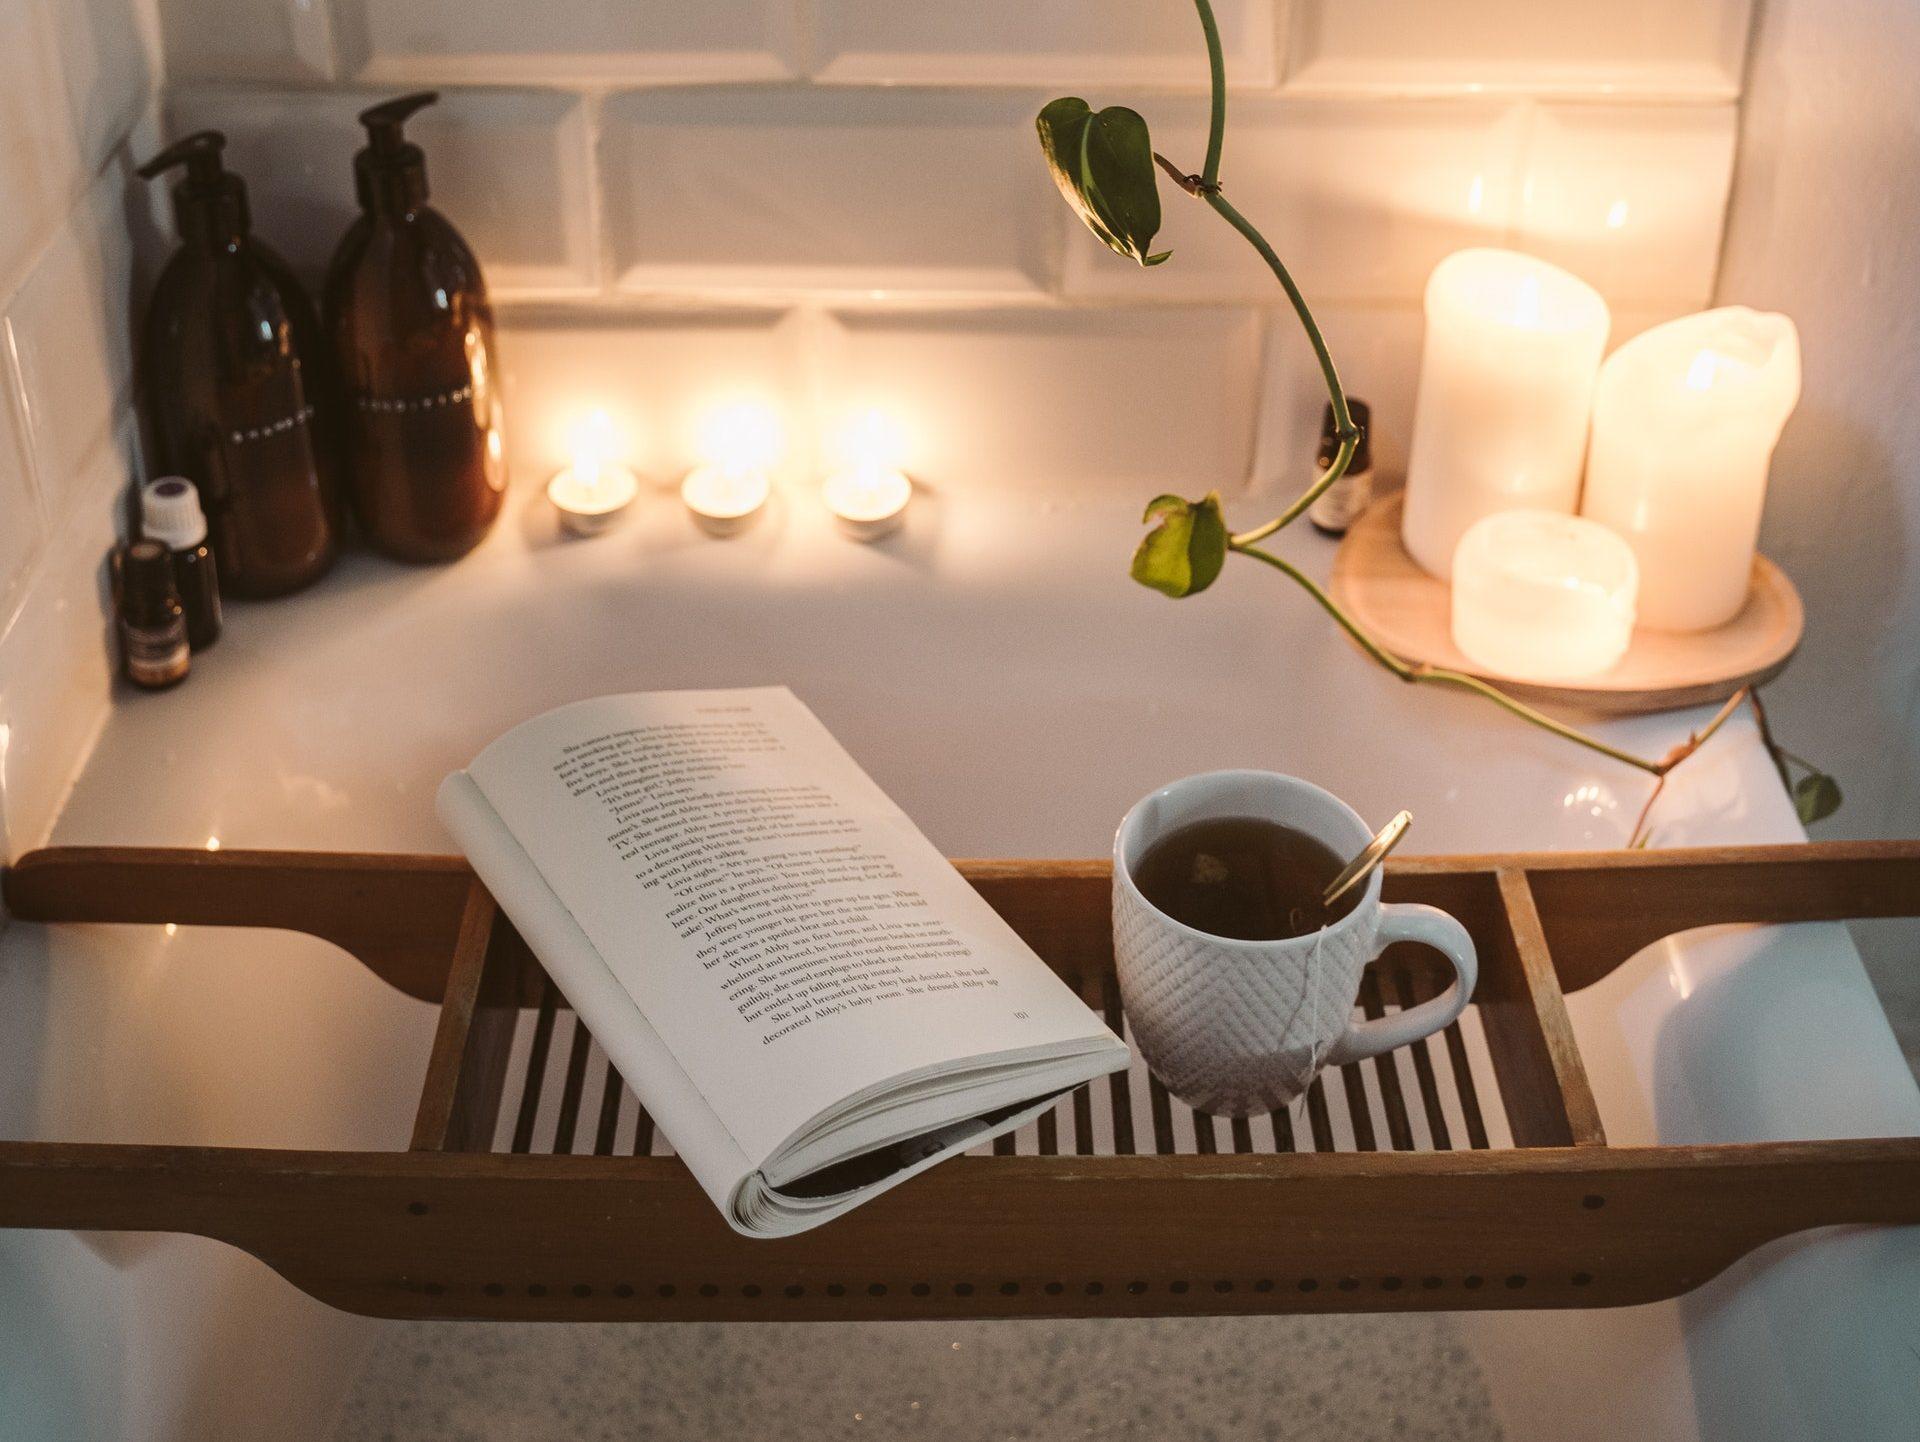 Ein Bad am Abend fördert die Entspannung und hilft durch die innere Wärme beim Einschlafen und somit auch gegen Schlafstörungen